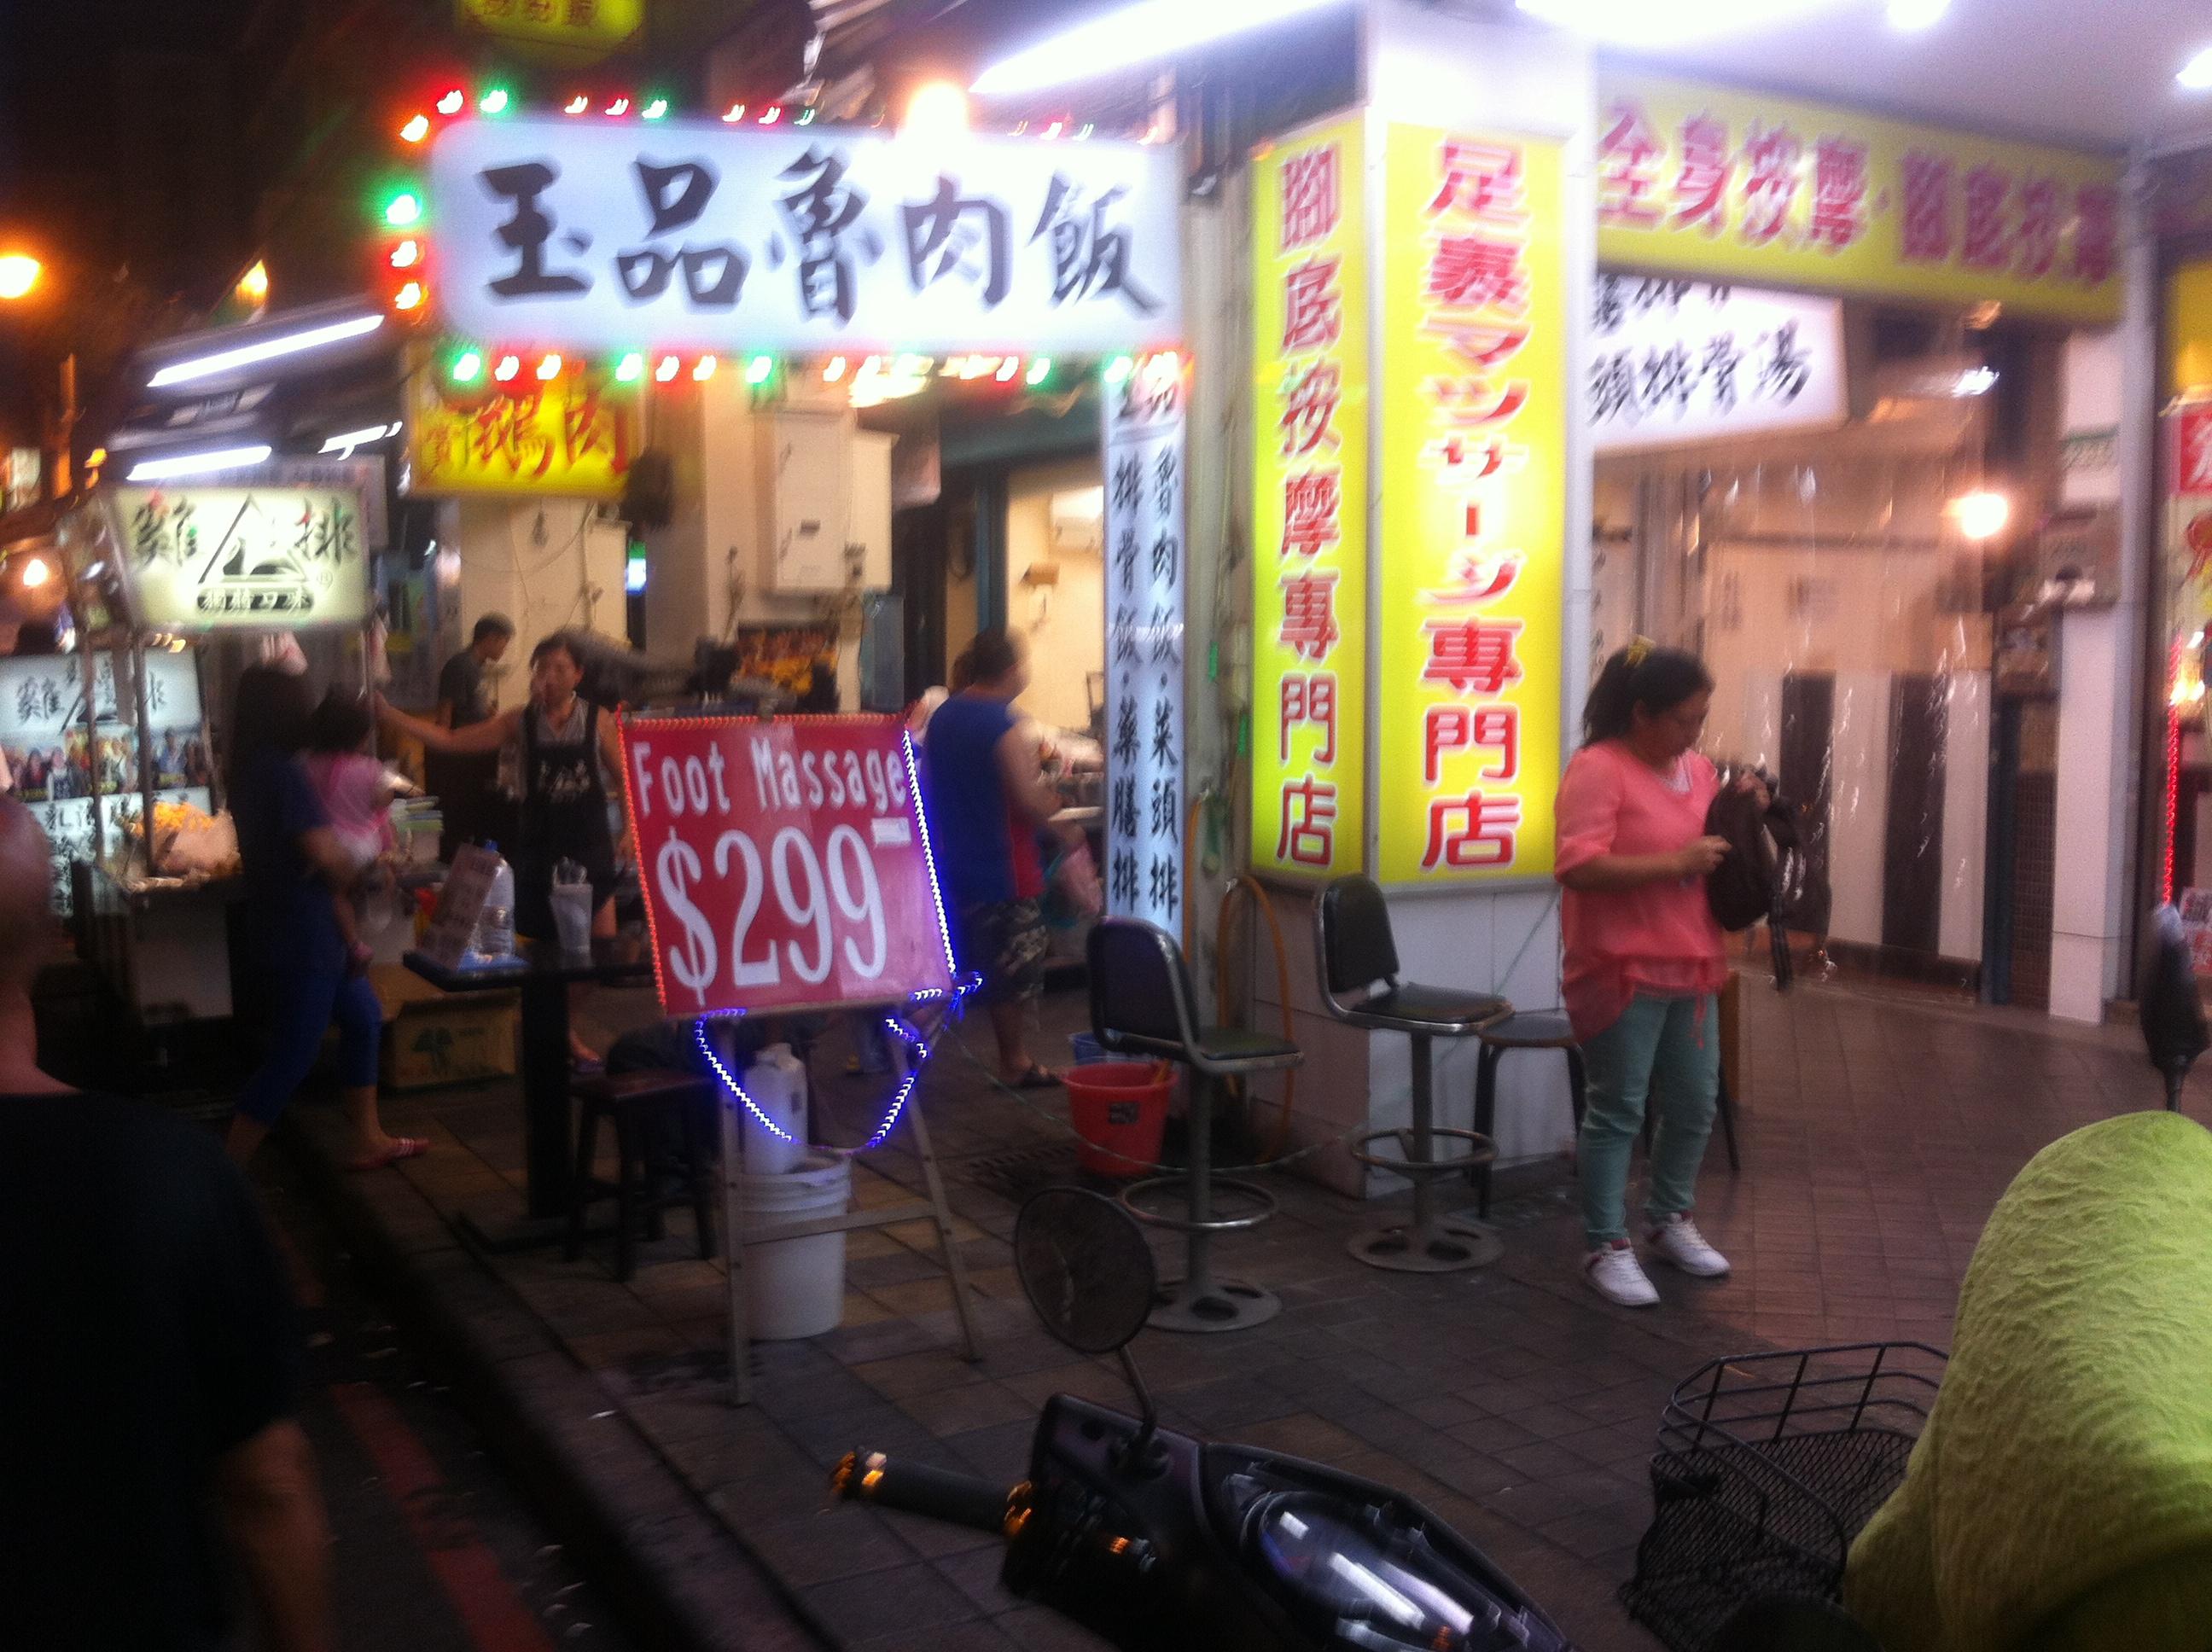 【娯楽】華西街観光夜市の前にある艋舺夜市で足裏マッサージをしよう!